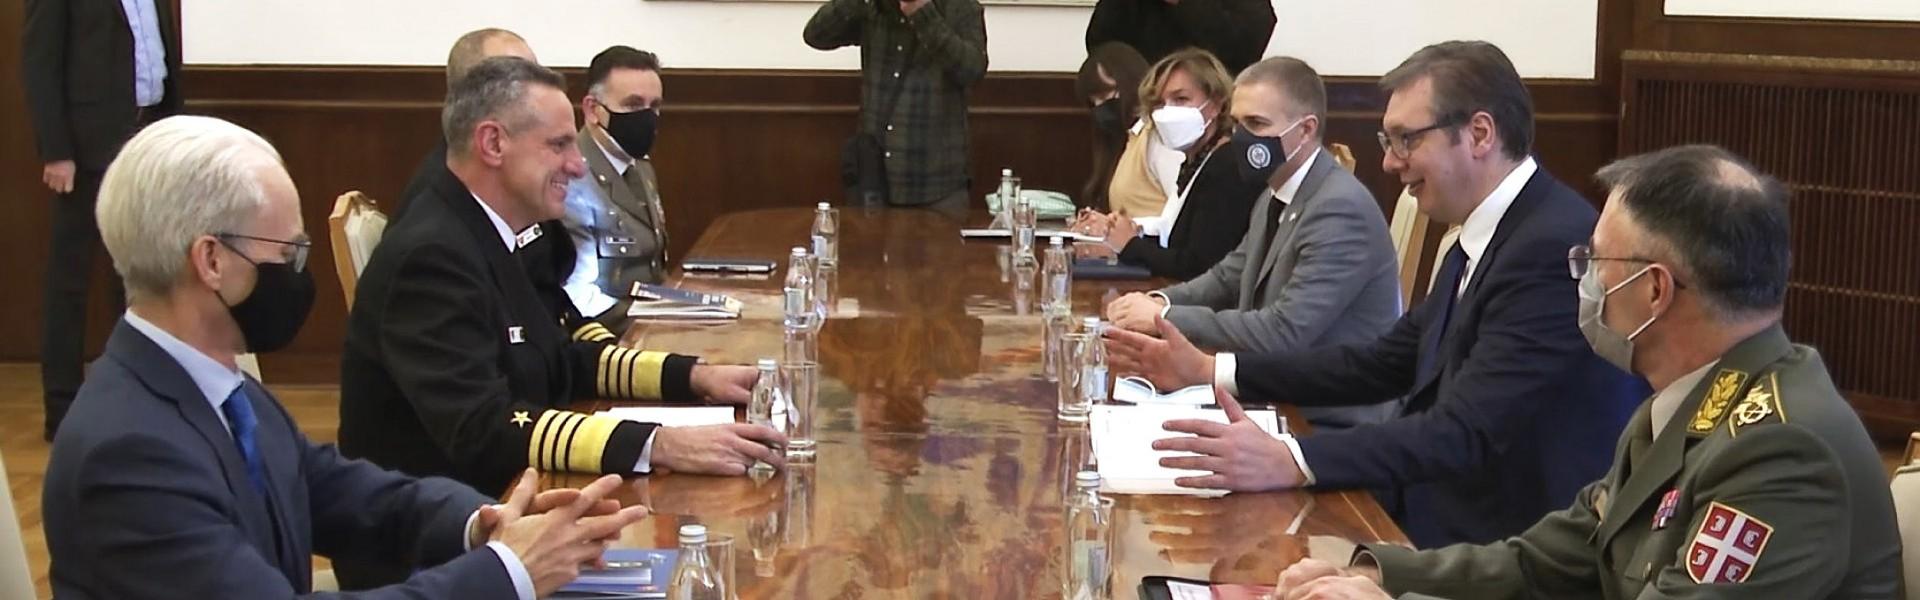 Састанак председника Вучића са командантом Команде здружених снага НАТО-а адмиралом Бурком